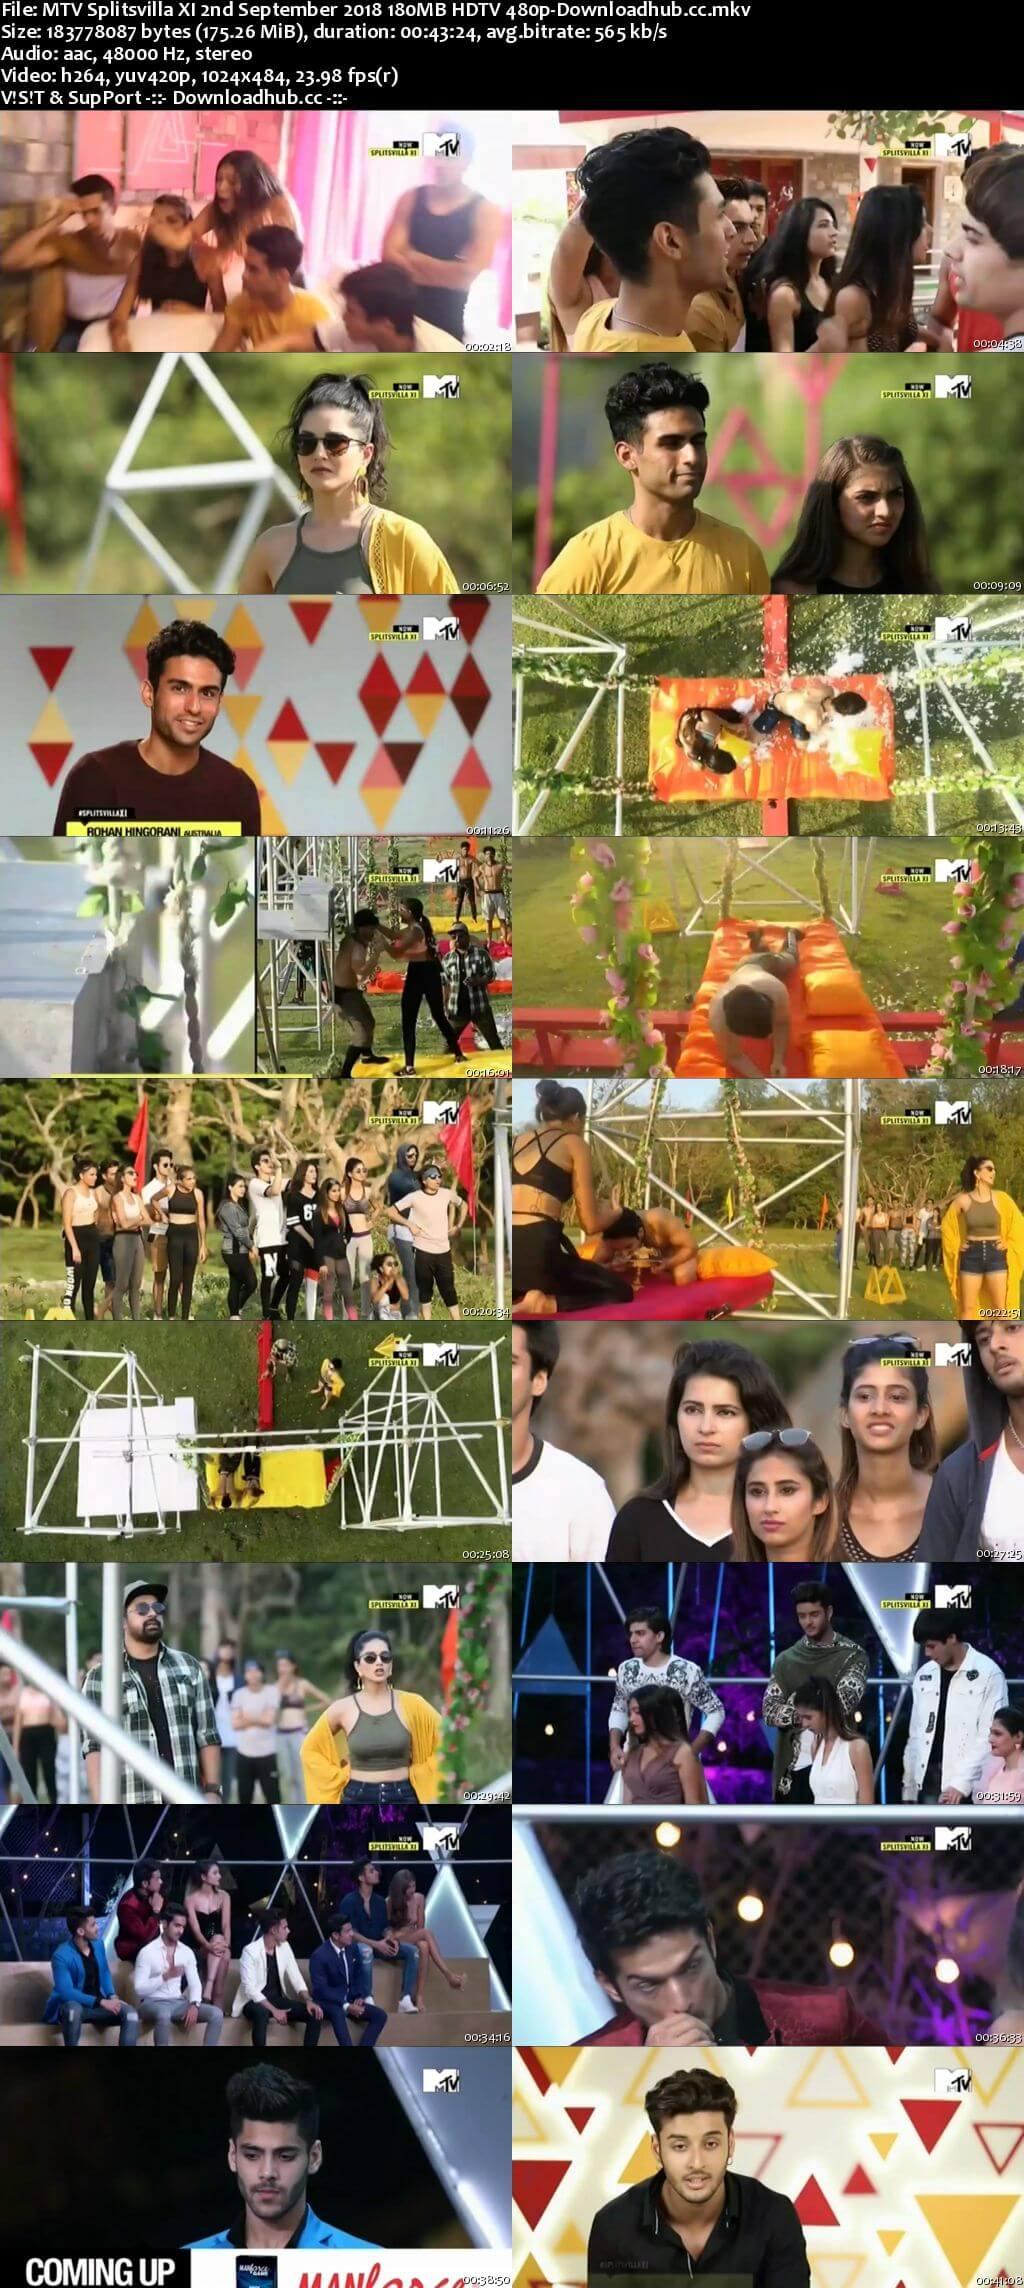 MTV Splitsvilla XI 2nd September 2018 180MB HDTV 480p